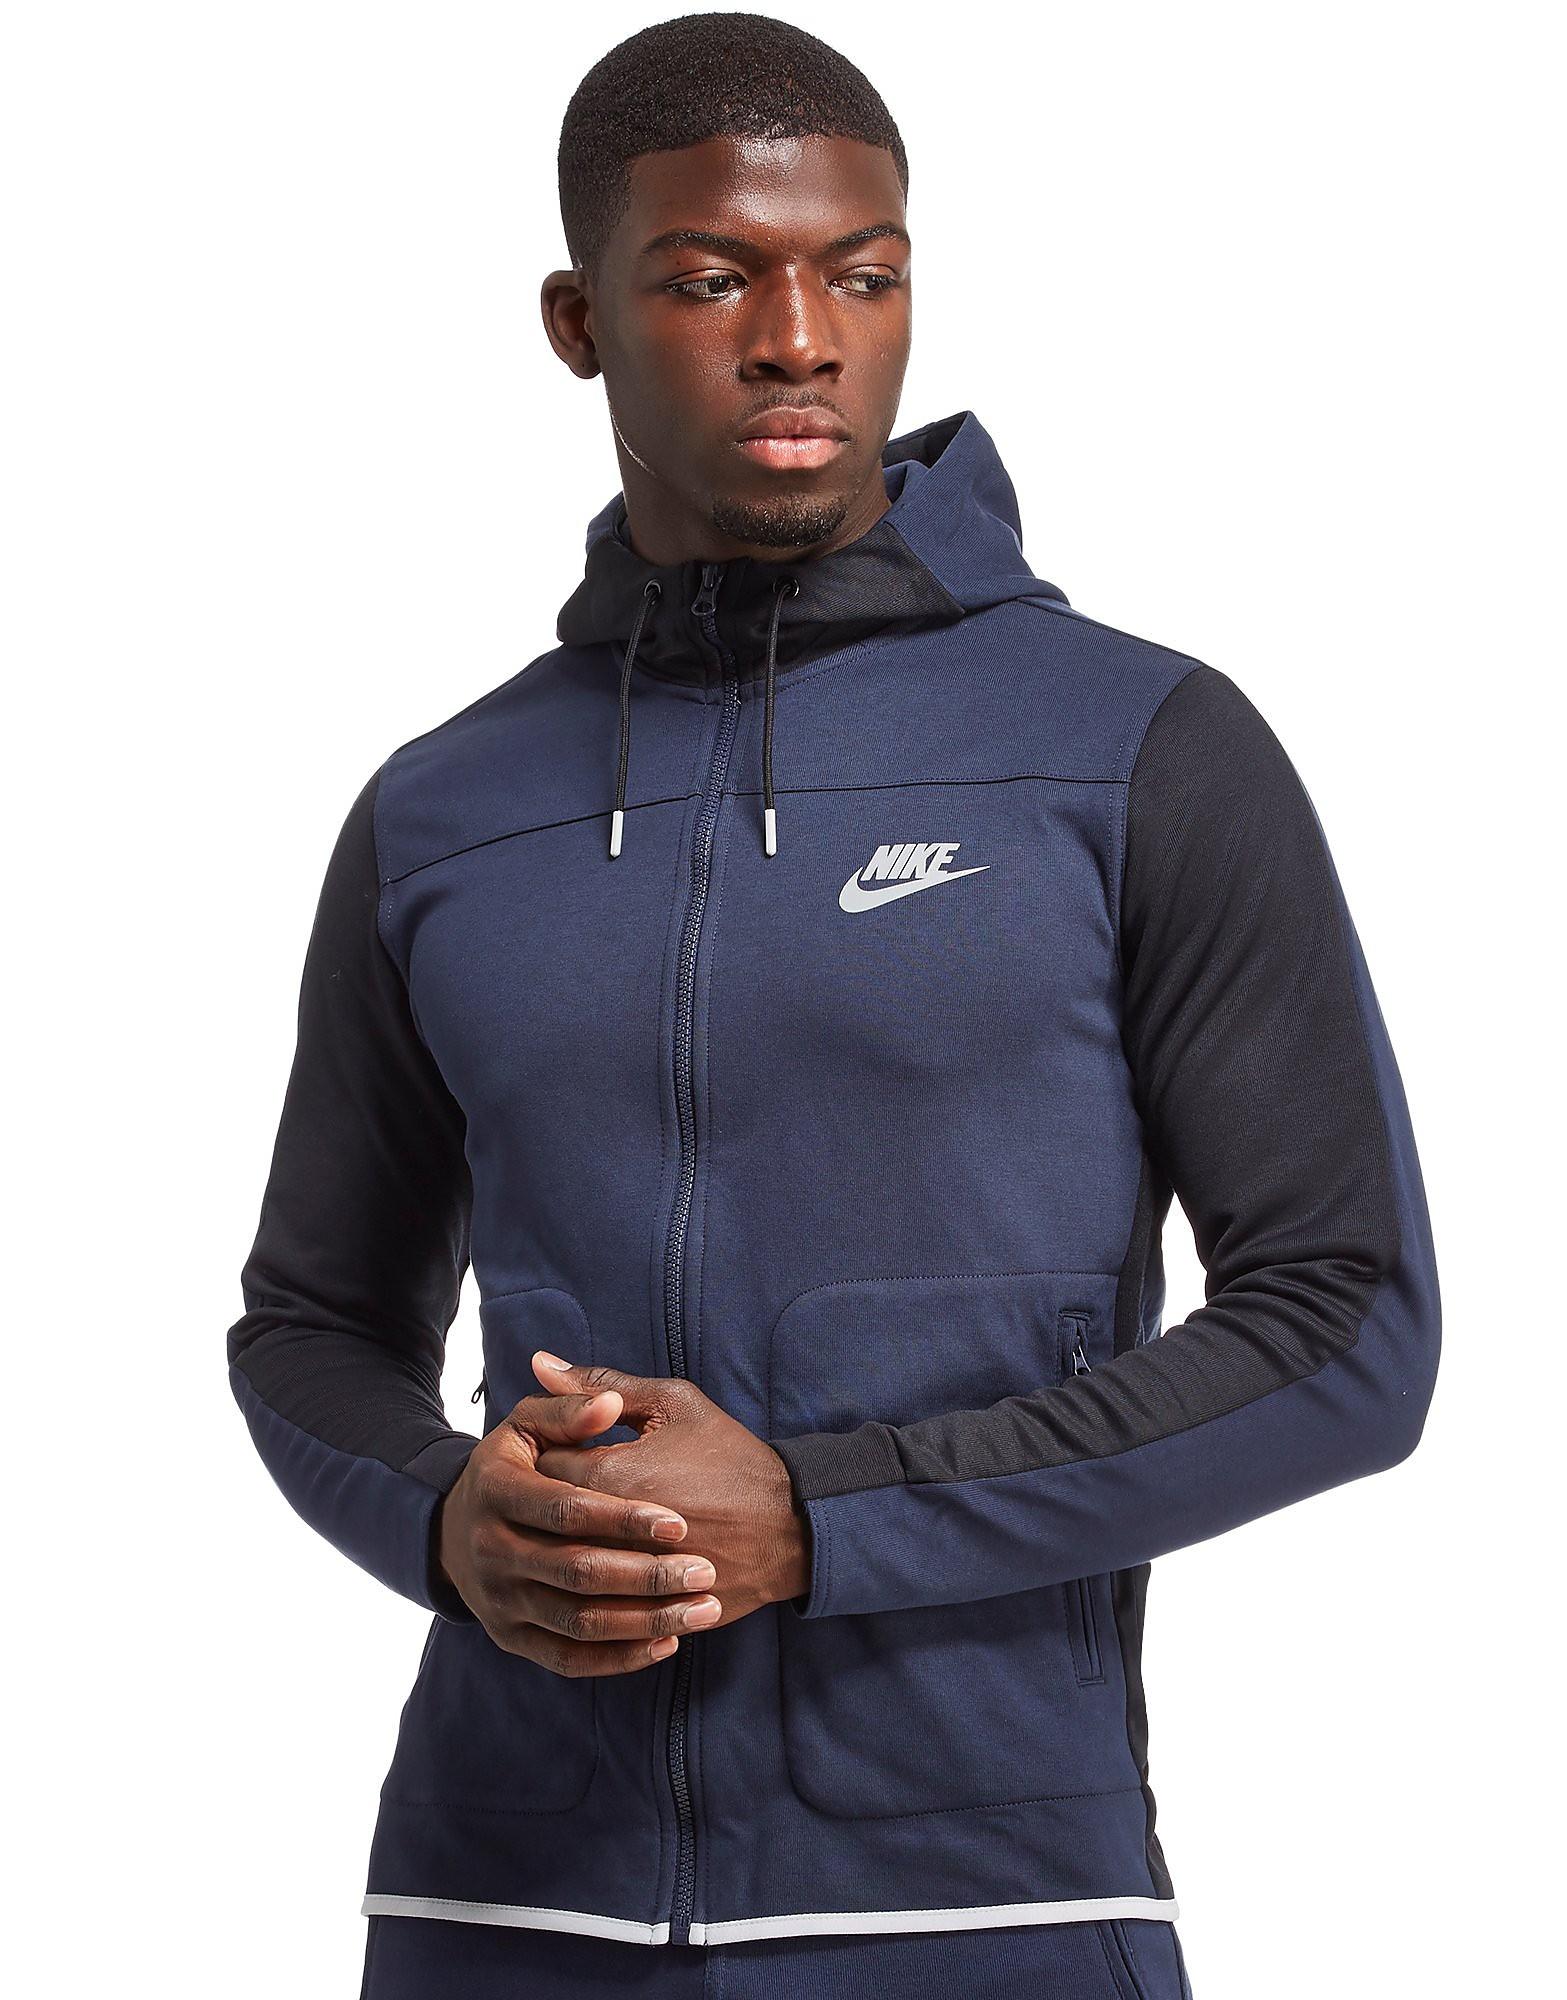 Nike Advance Fleece Full Zip Hoody